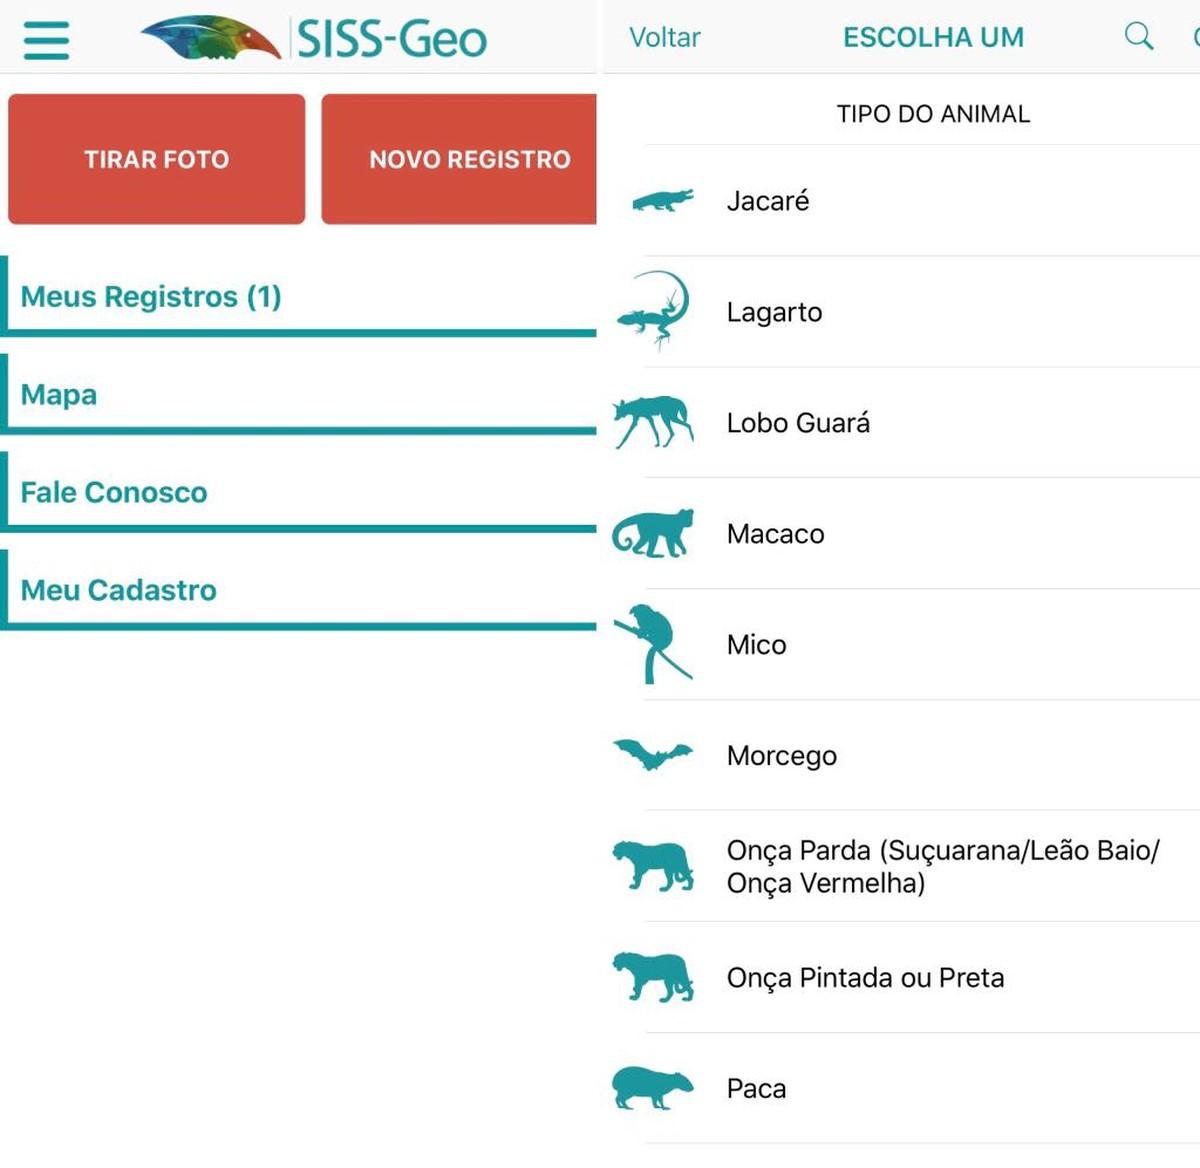 Fiocruz fará treinamento gratuito para uso do aplicativo SISS-Geo em Macaé, no RJ